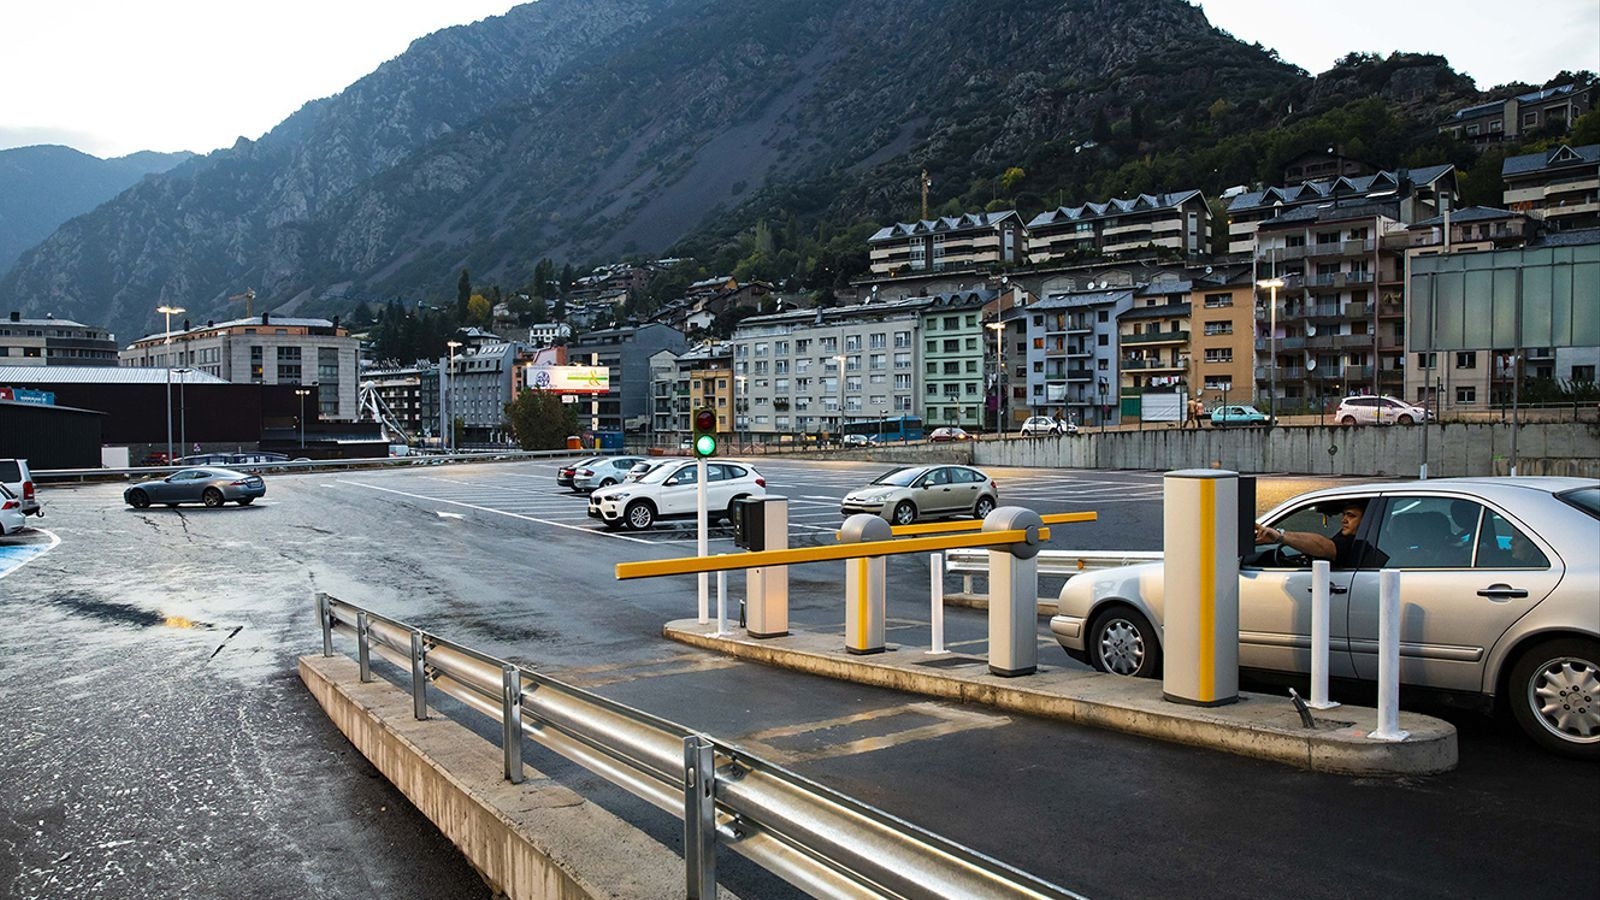 El nou aparcament a tocar de la Dama de Gel. / Comú d'Andorra la Vella